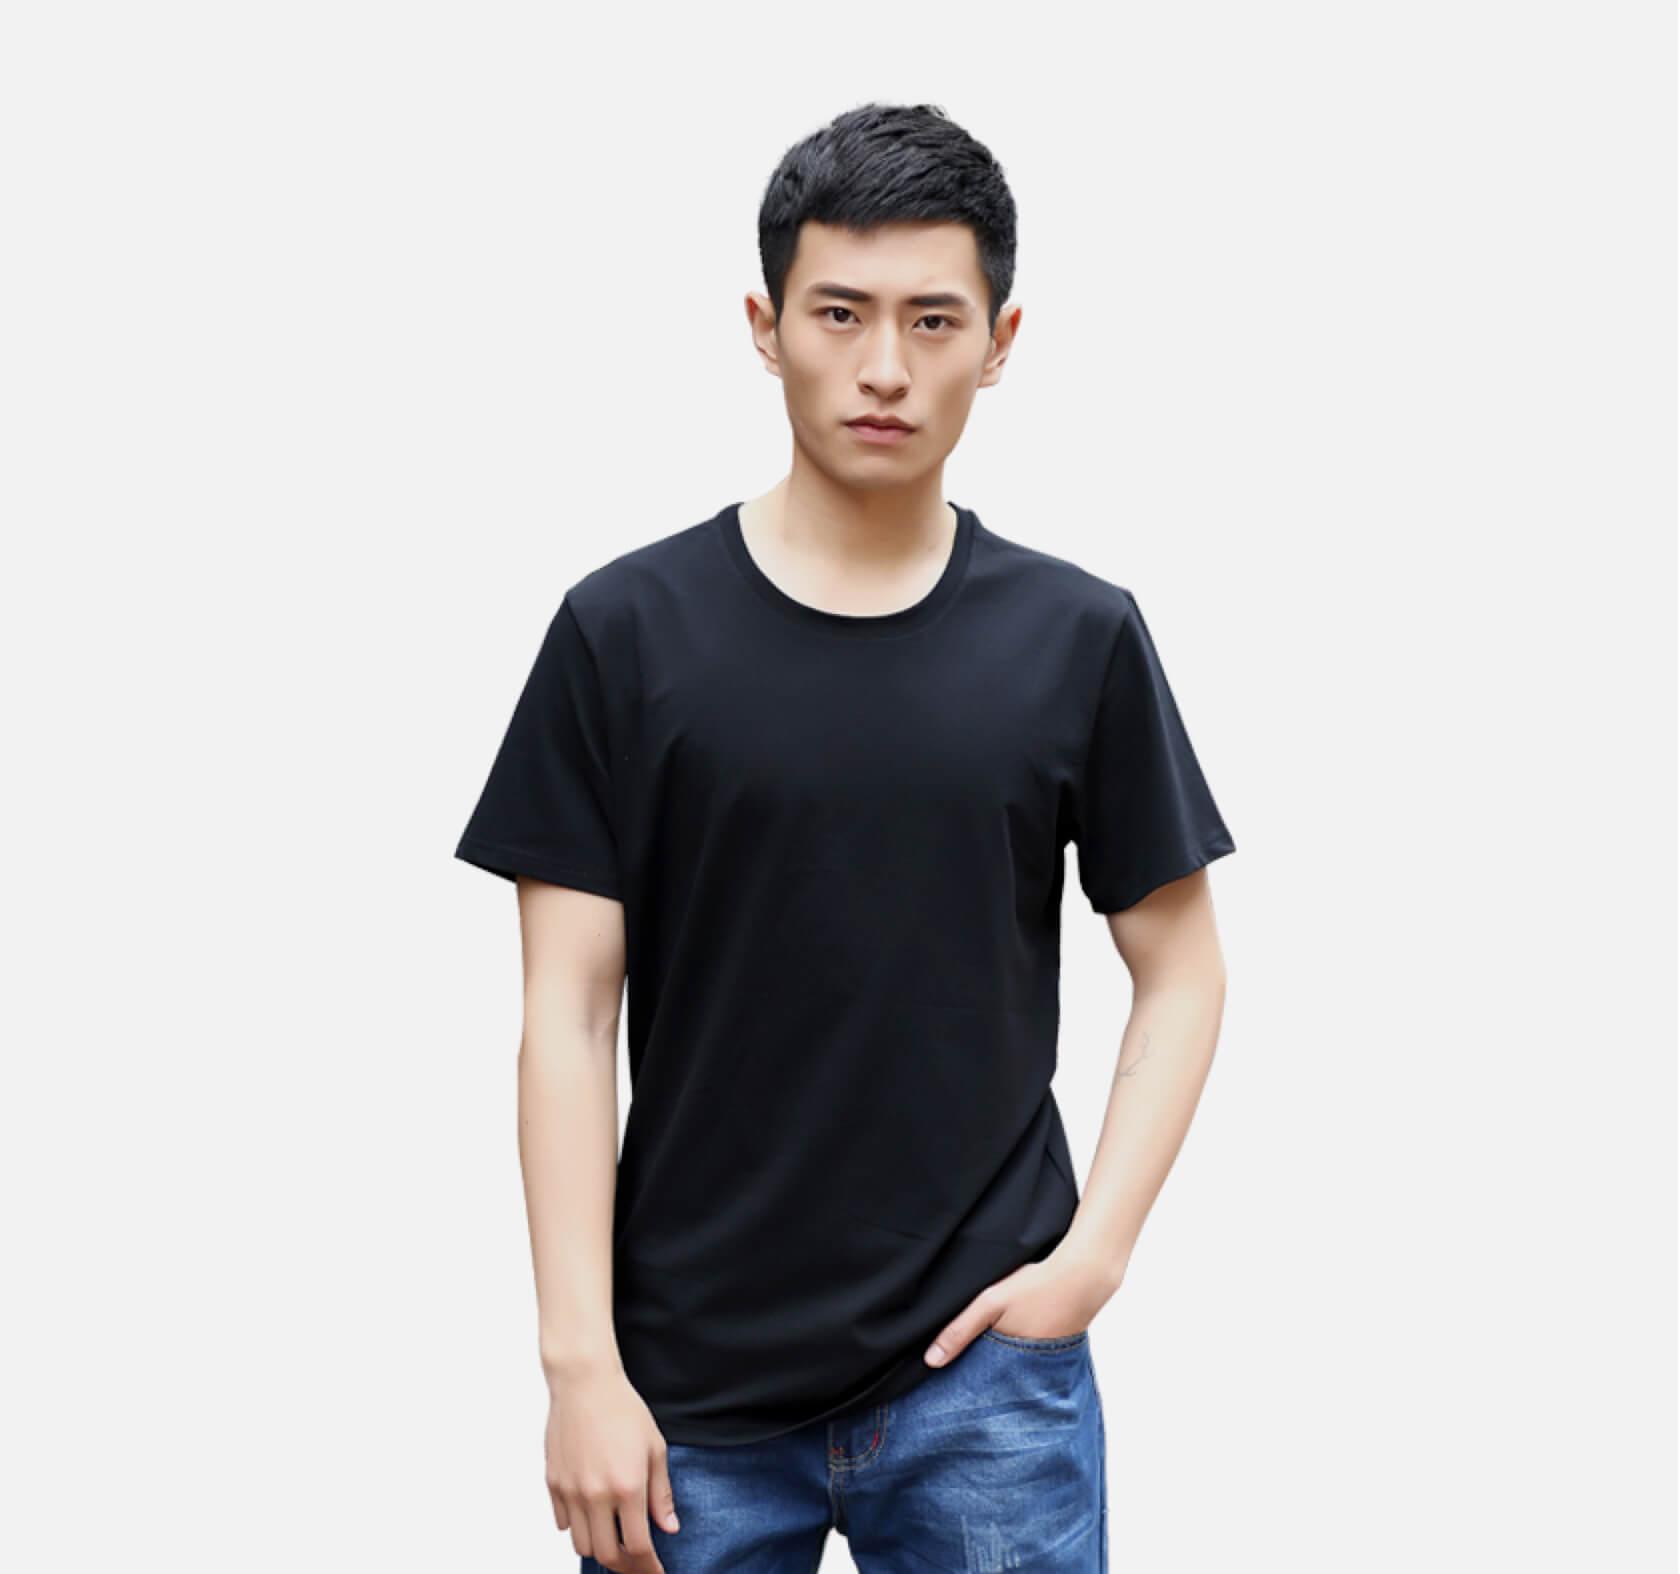 定制奥戴尔弹力款黑色T恤